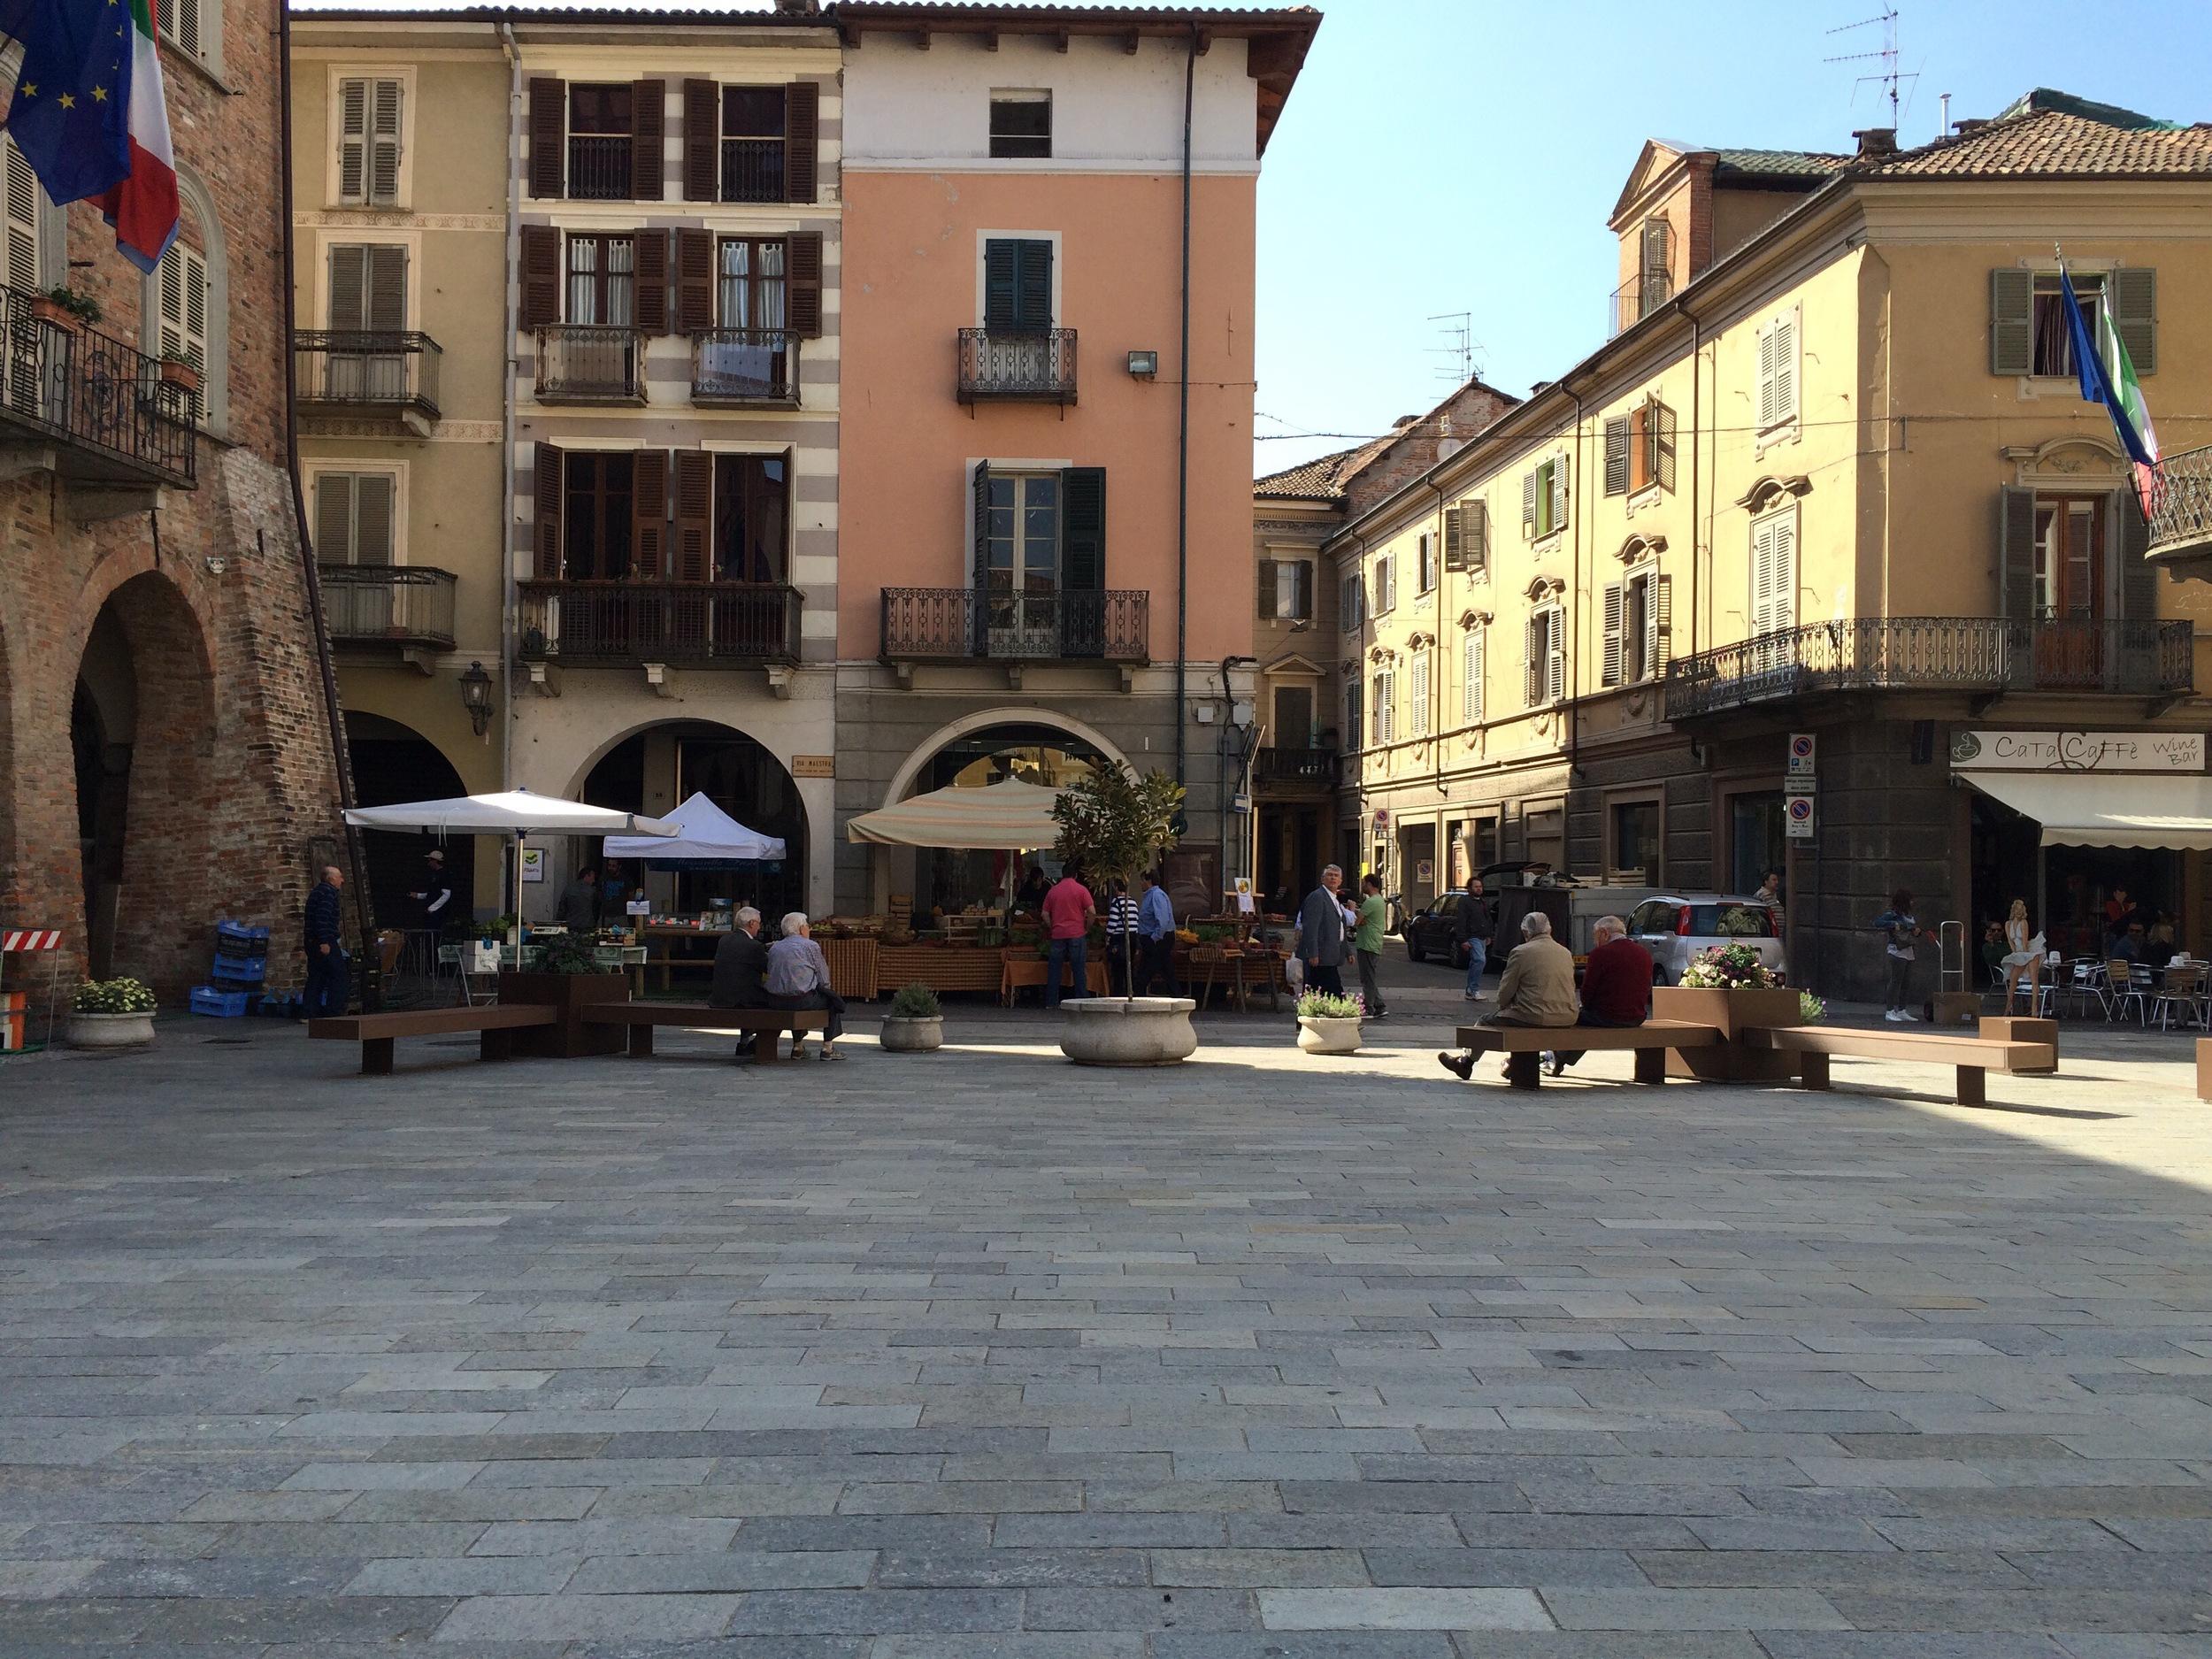 Sunday morning in Nizza